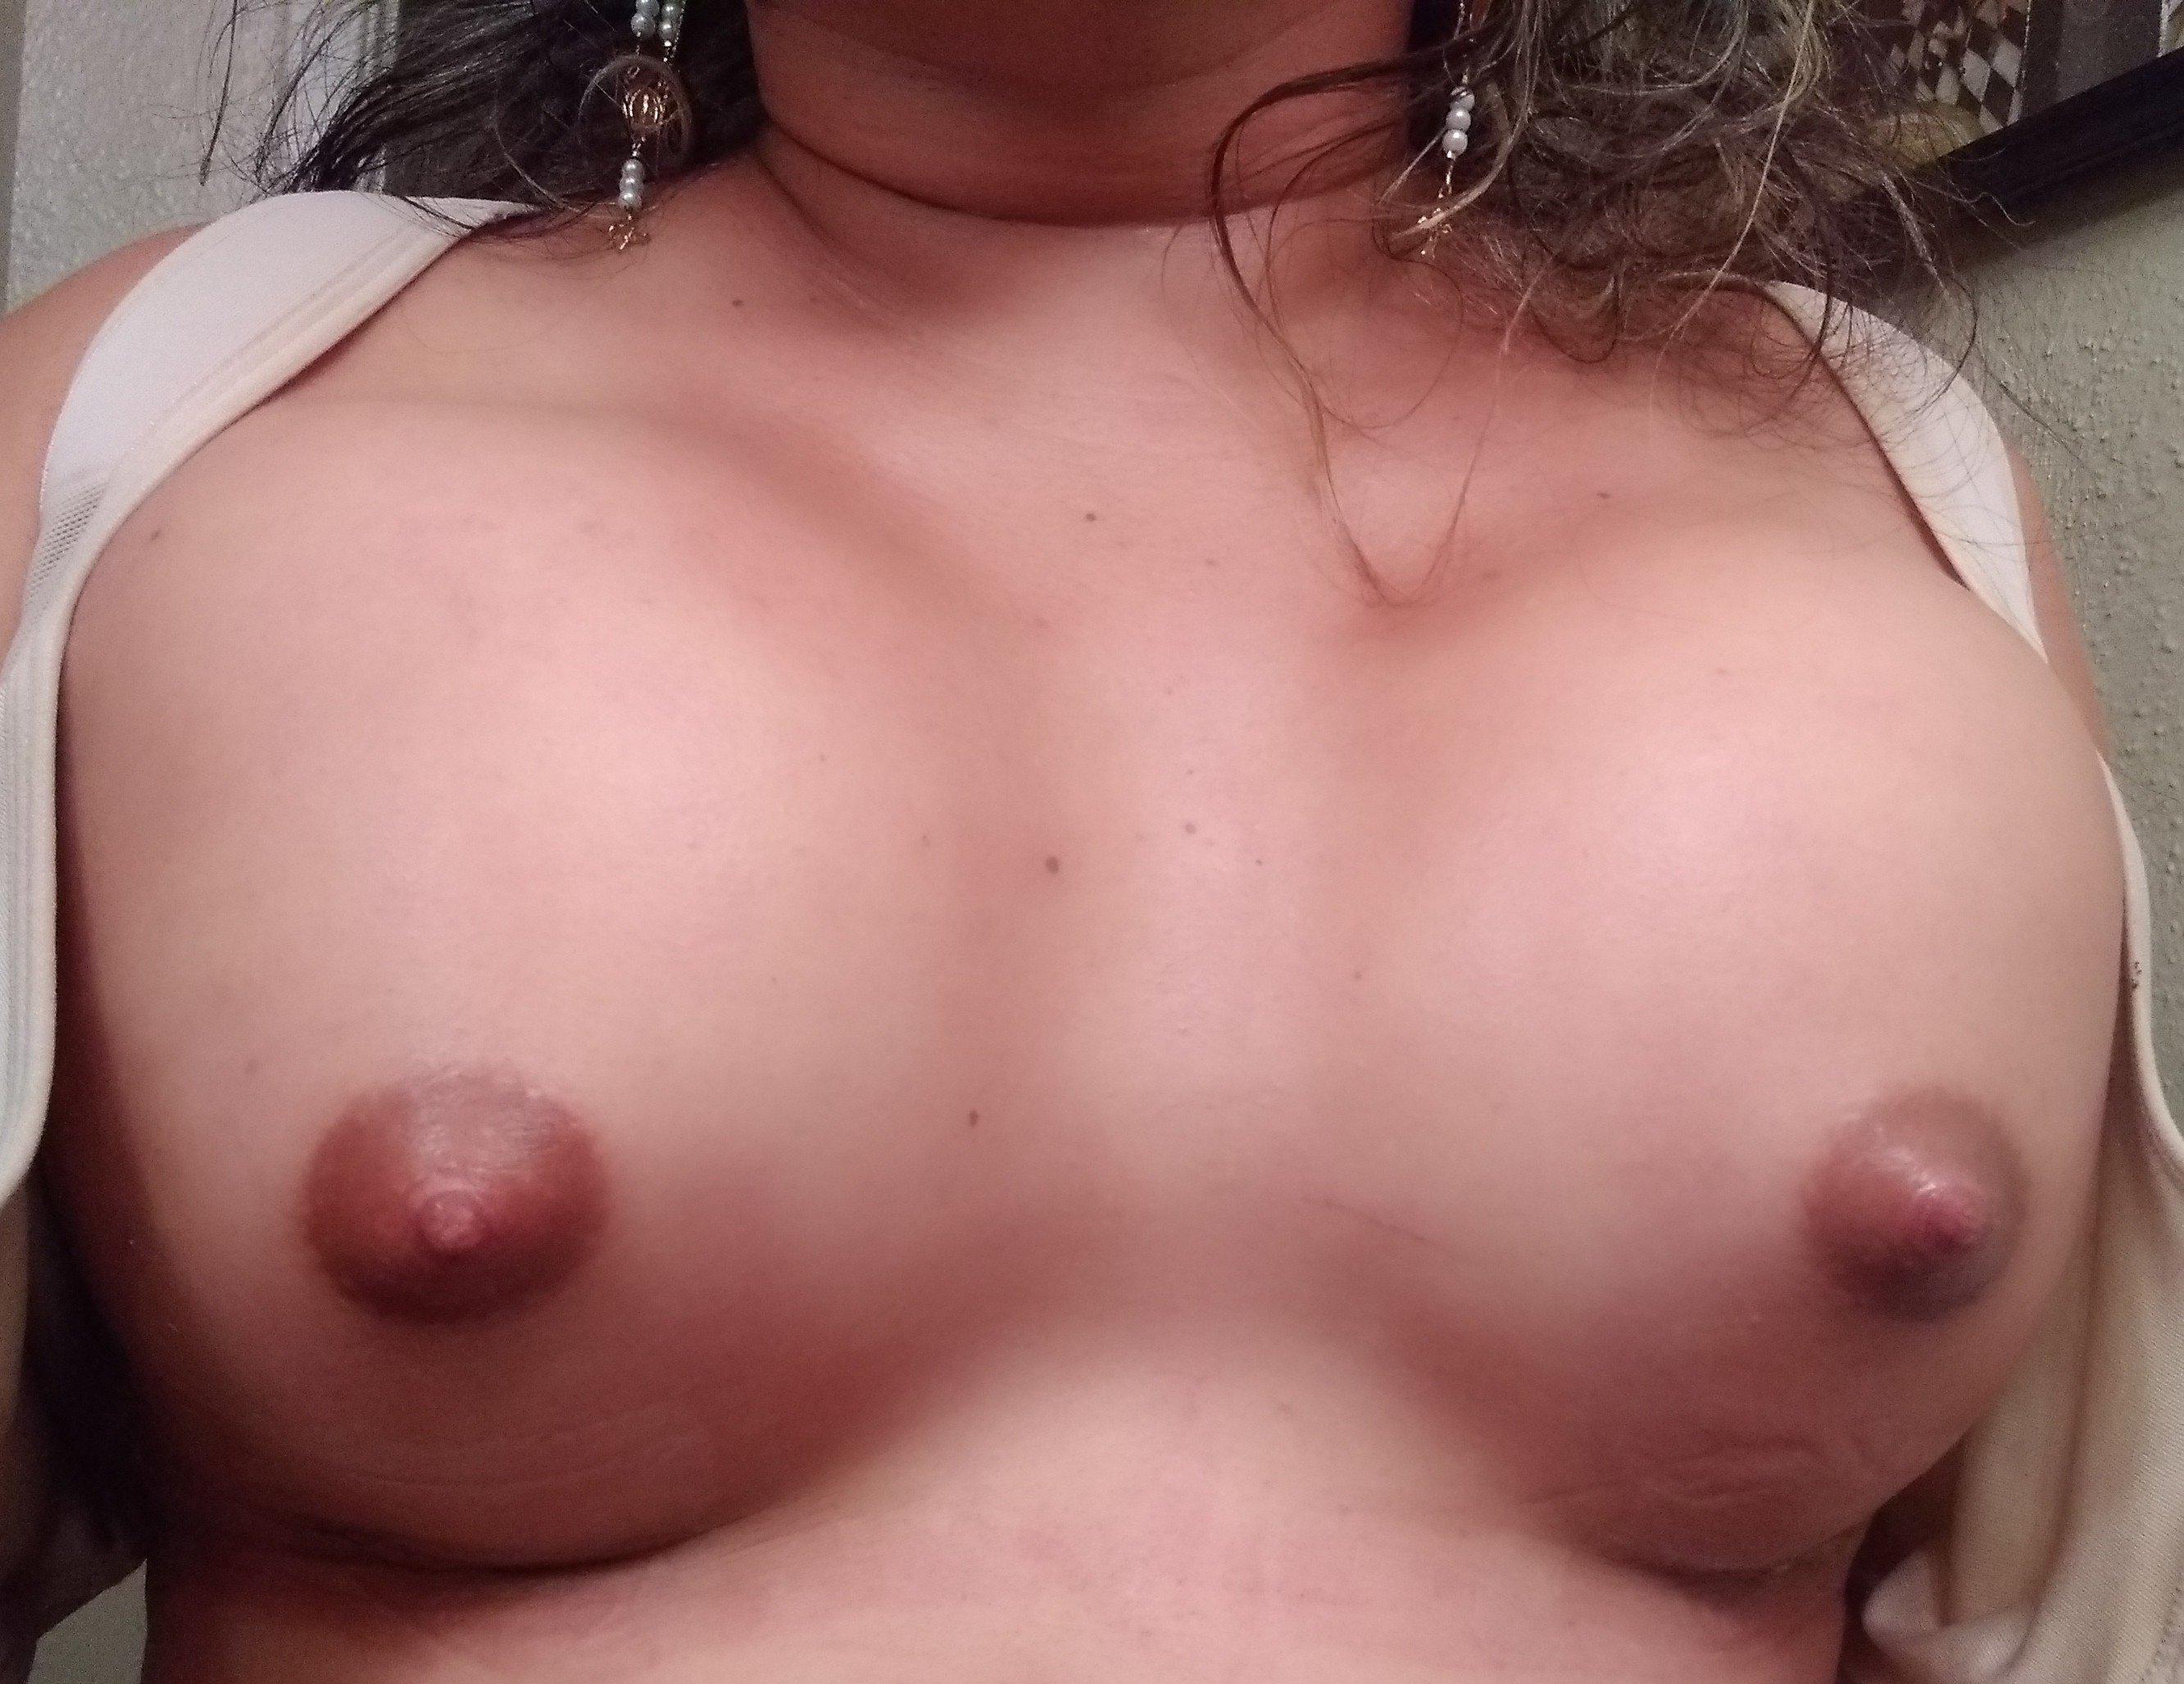 Alejandra Profile, Escort in Dallas, 9792691752